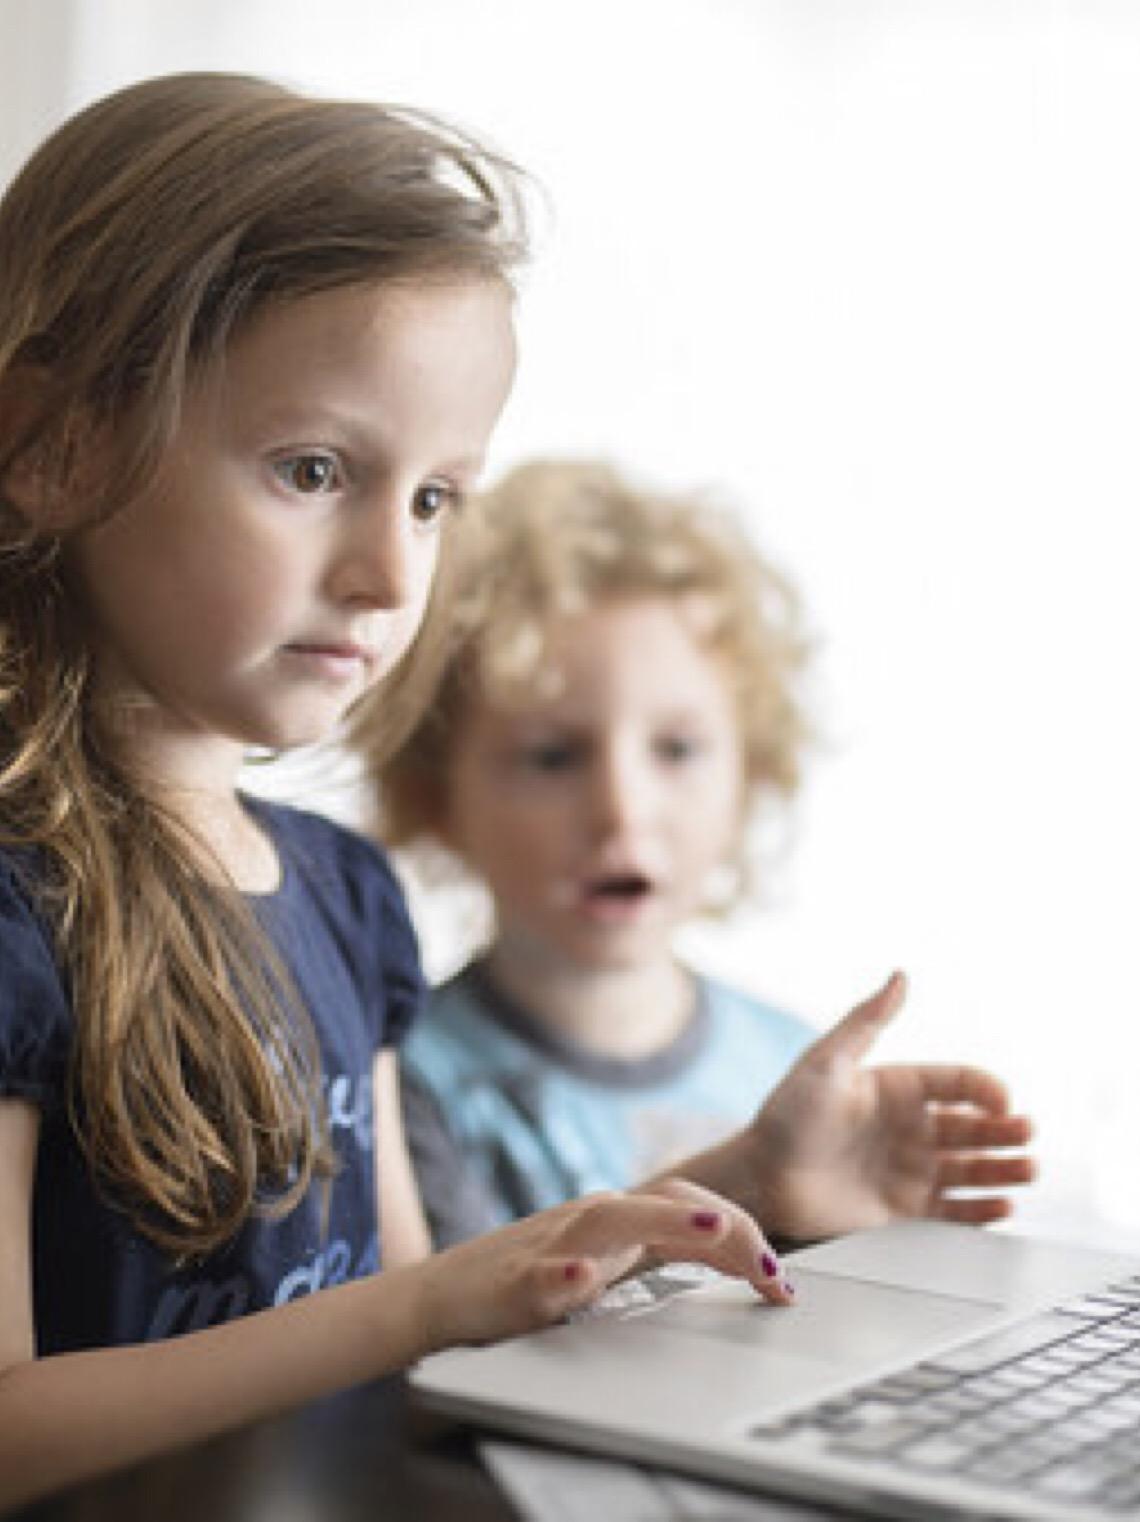 ONU divulga recomendações para proteger menores no espaço digital